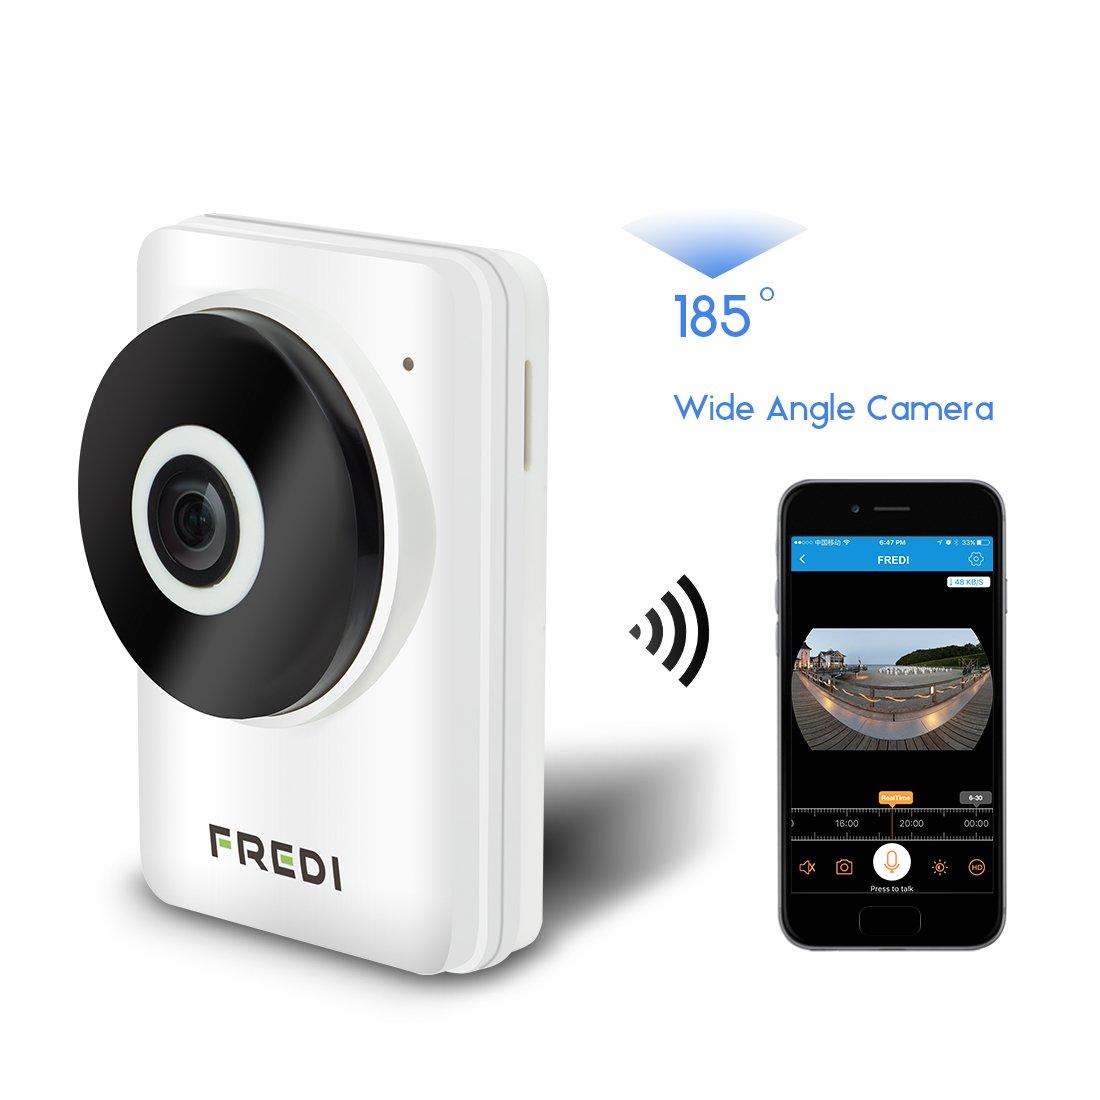 Fredi - Mini camara inalámbrica IP. Cámara de vigilancia para cuidado del bebé, monitor 185 ° gran angular, Wifi, visión nocturna, video en estilo mosaico, ...